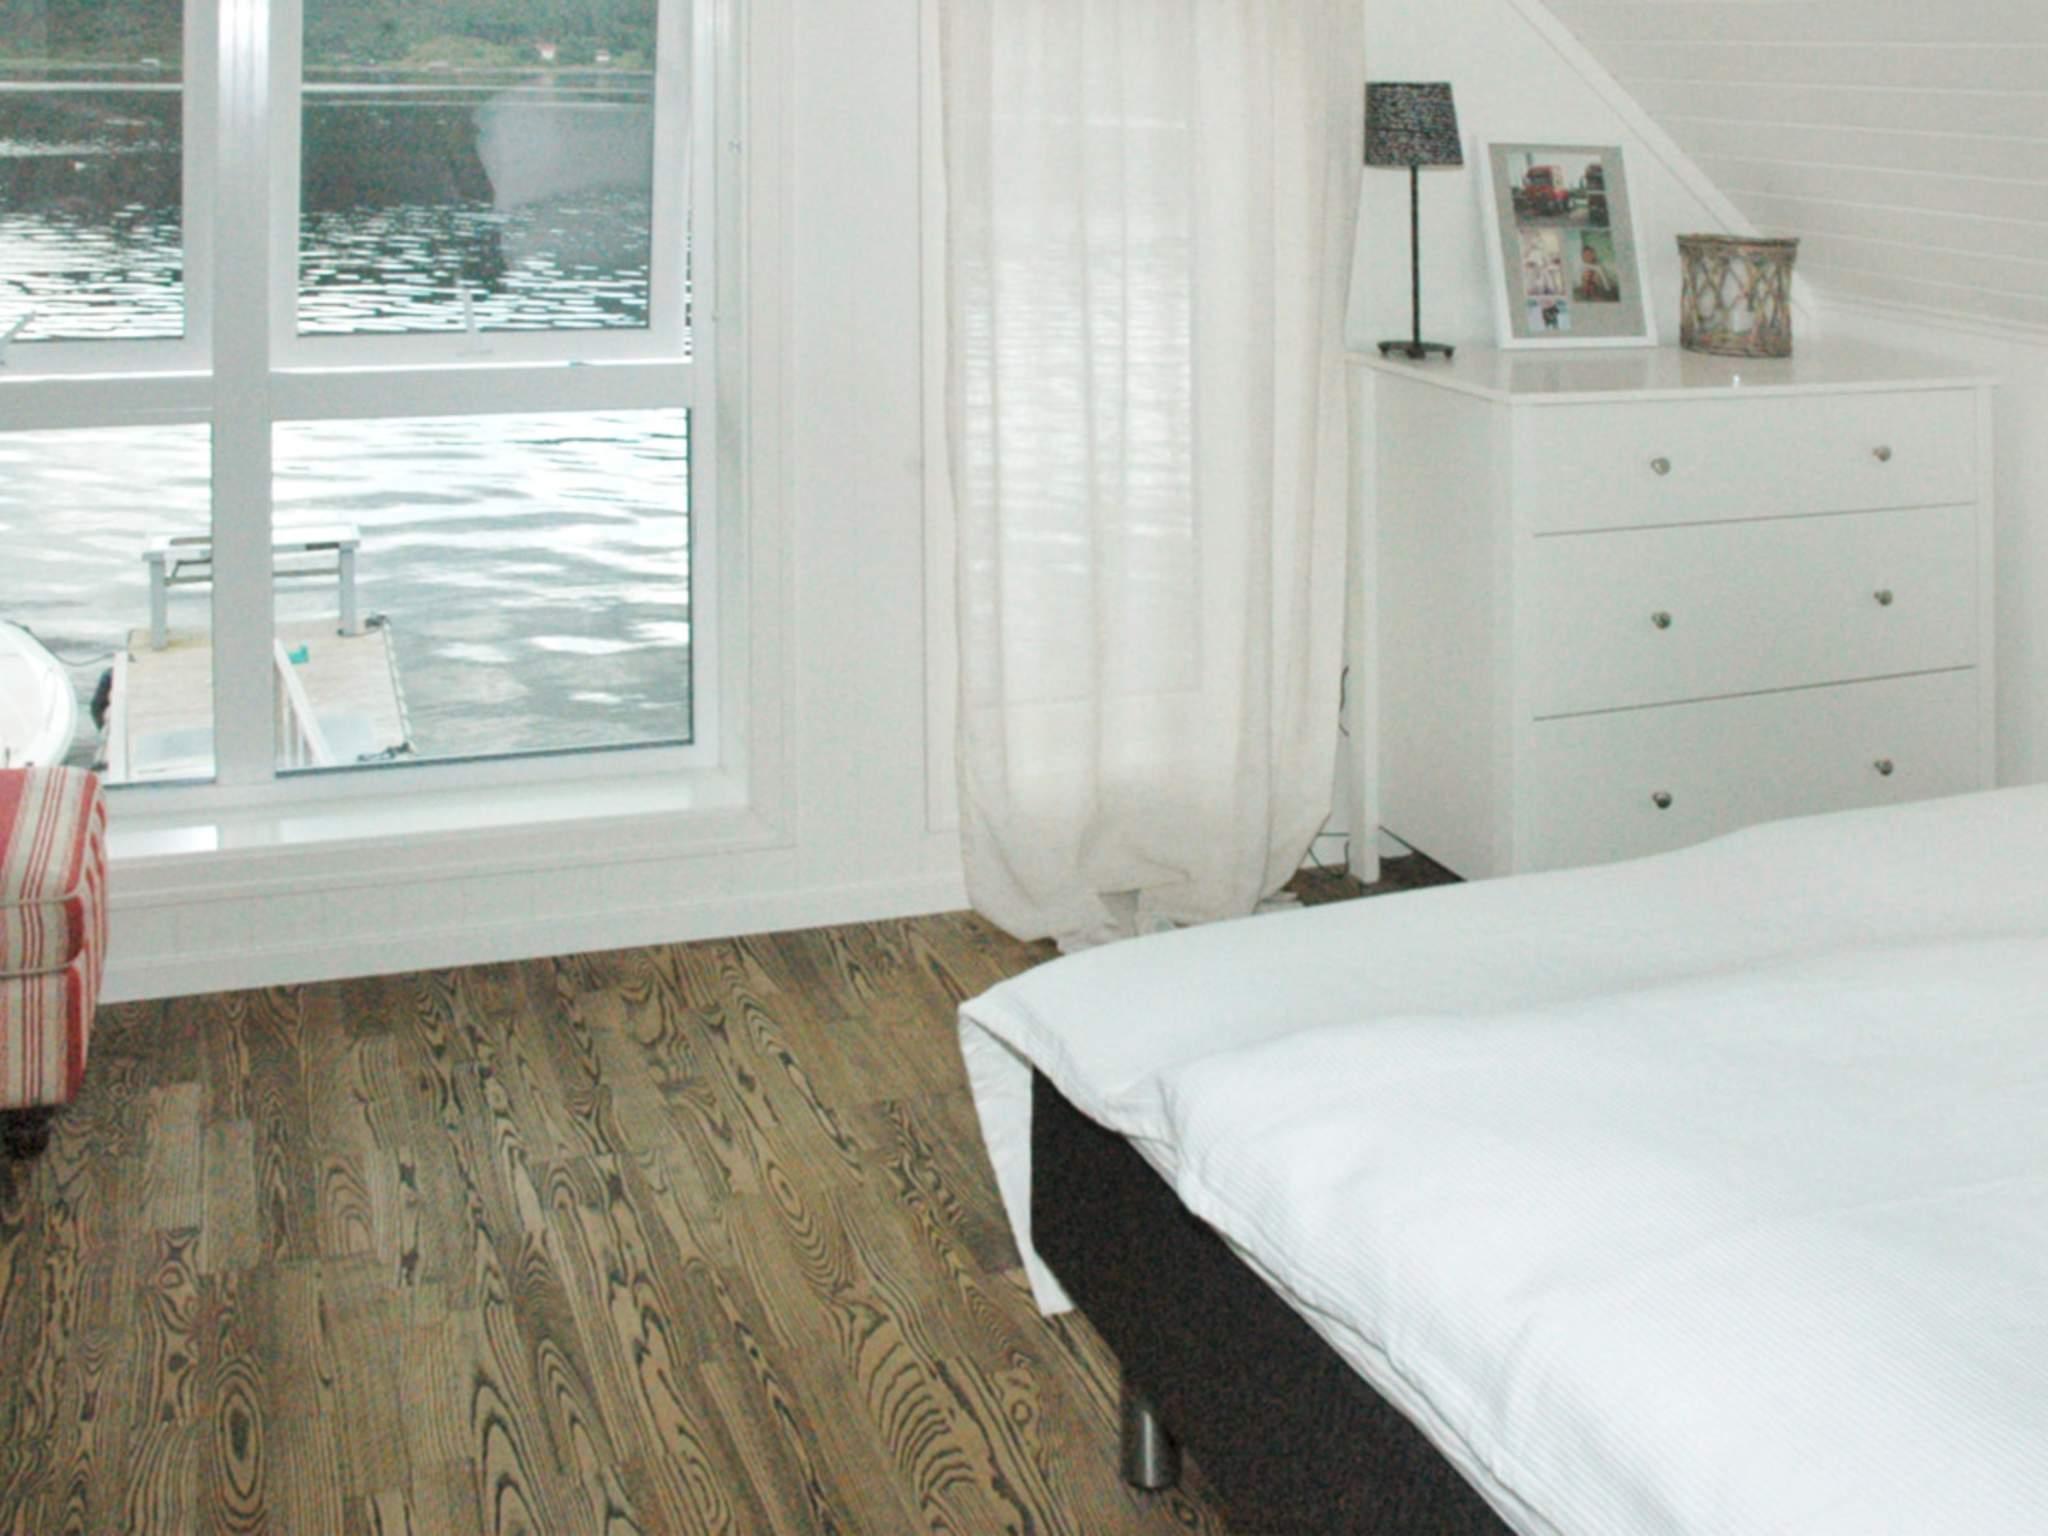 Ferienhaus Haugsbygda (479853), Haugsbygda, More - Romsdal, Westnorwegen, Norwegen, Bild 11